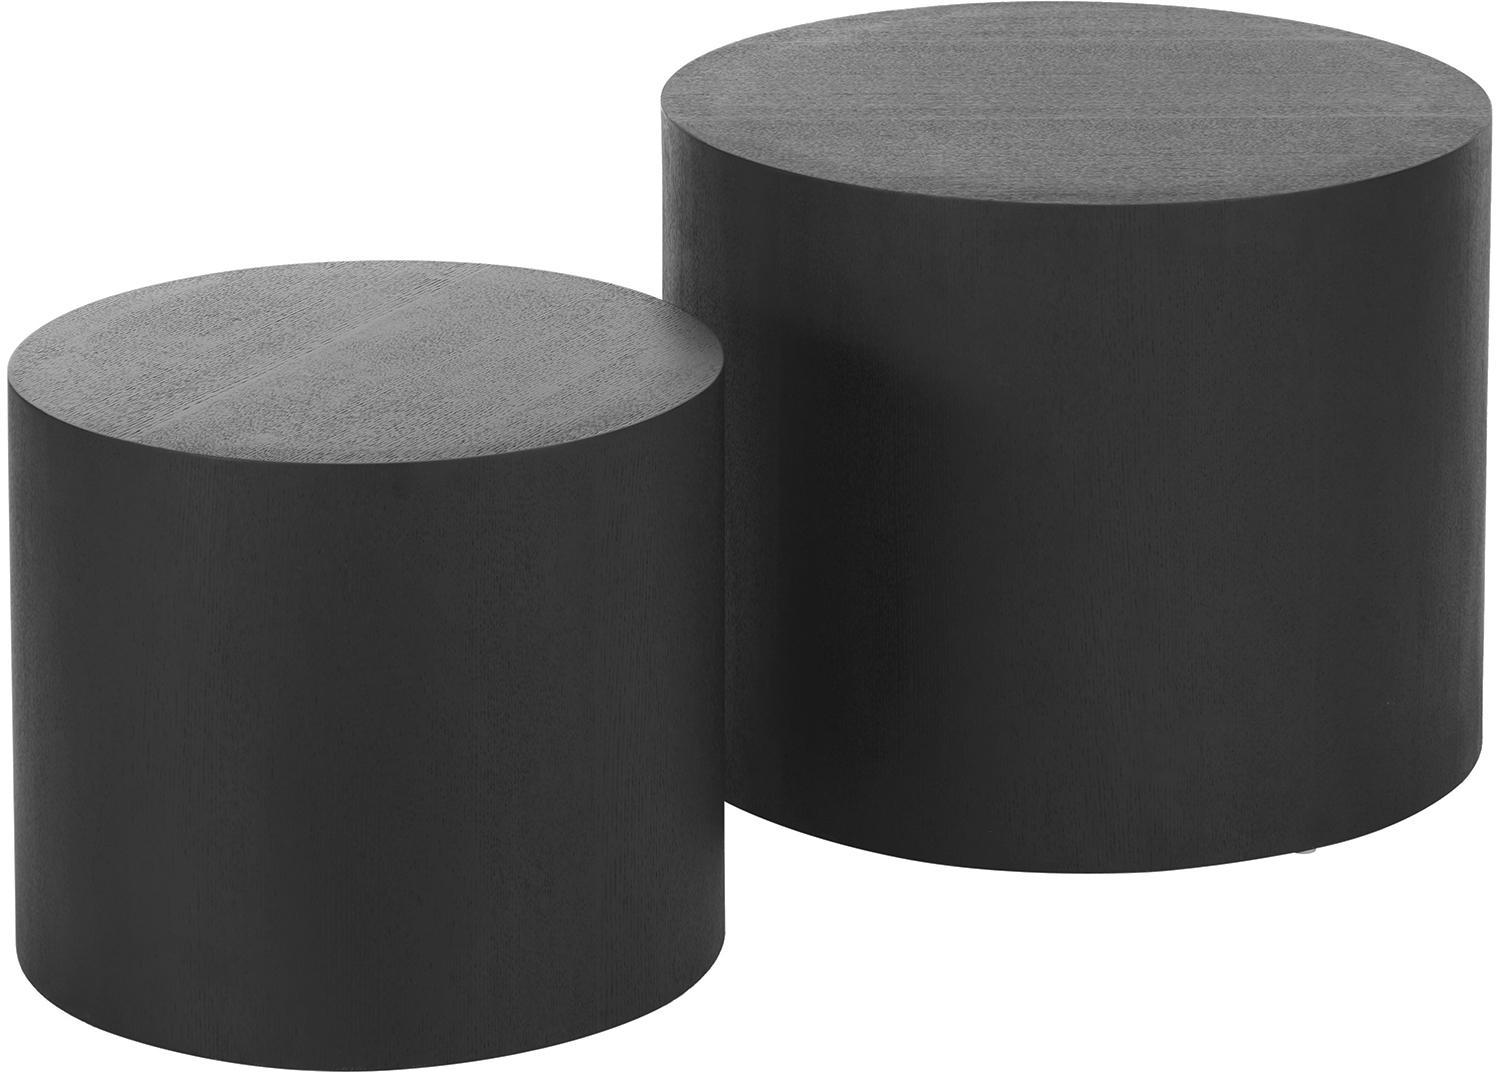 Set 2  tavolini in legno Dan, Pannelli di fibra a media densità (MDF) con impiallacciatura di frassino, Impiallacciatura di frassino, nero verniciato, Set in varie misure